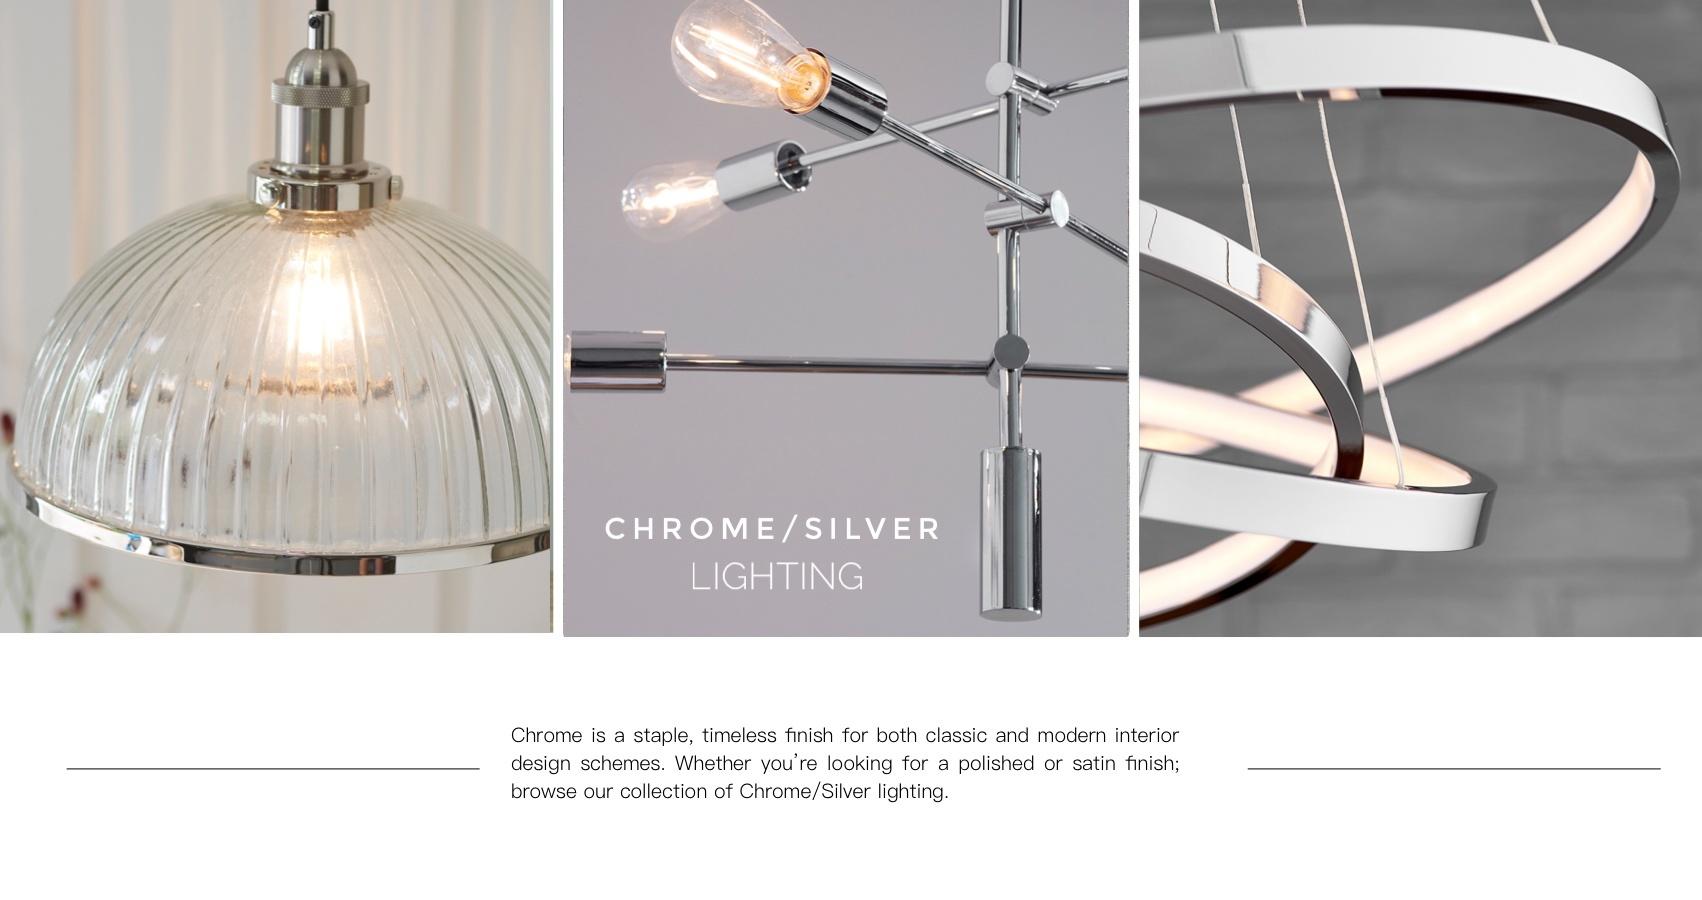 Chrome Lighting